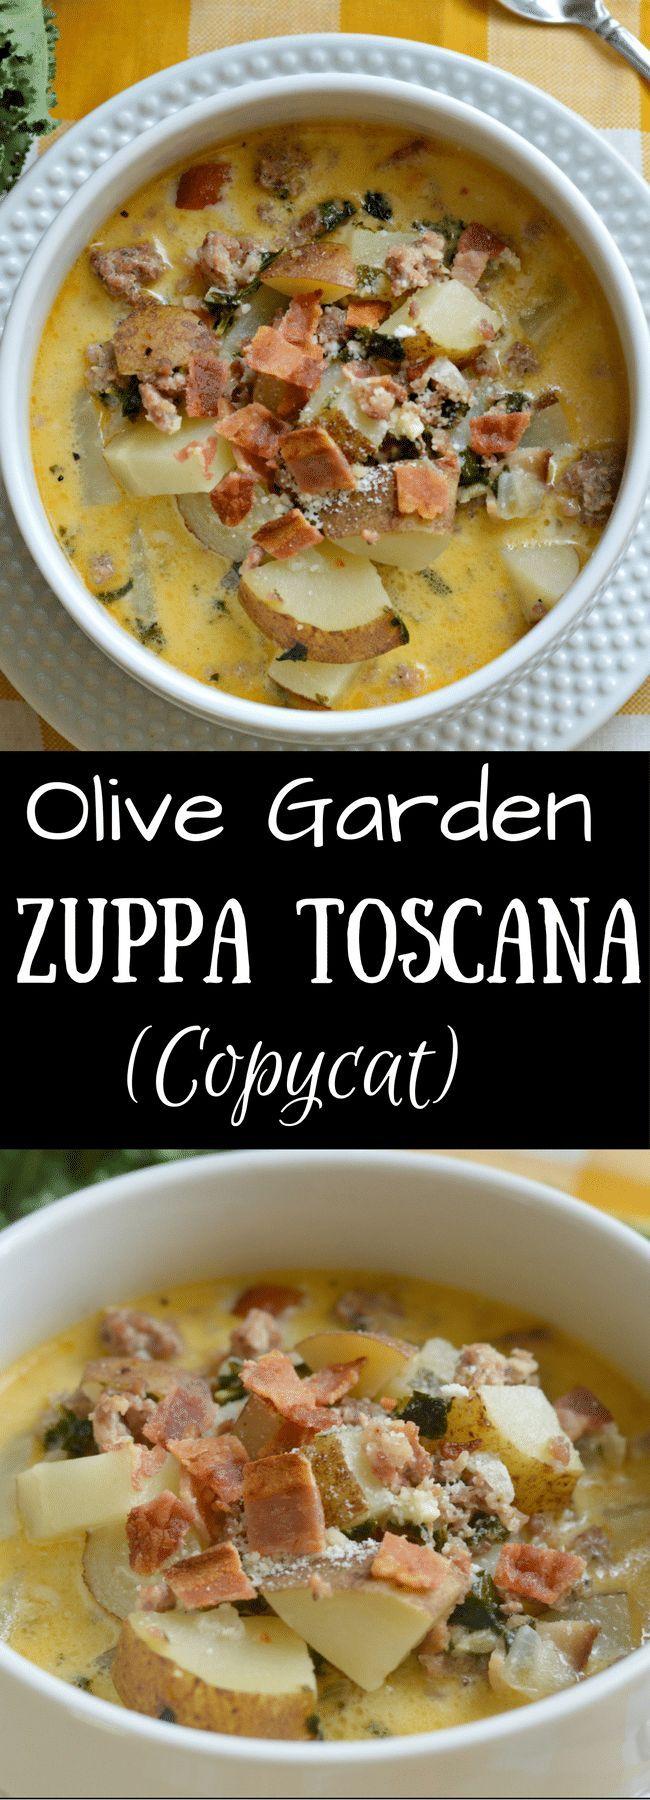 ¡Zuppa Toscana en Olive Garden es una de mis sopas favoritas de todos los tiempos! Sigue leyendo…   – ++ All Recipe's ++